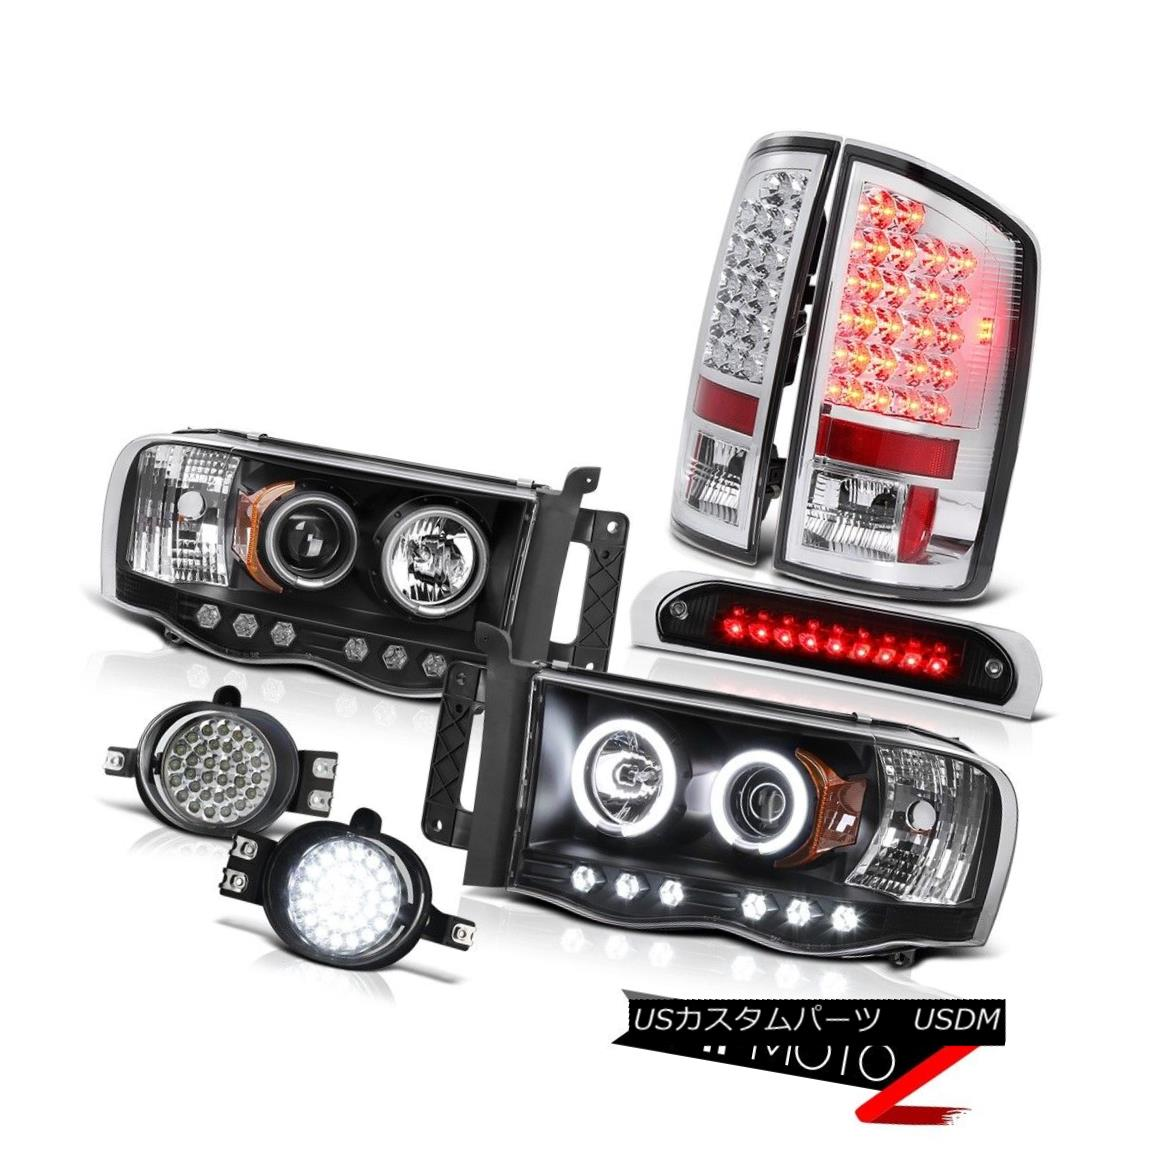 ヘッドライト 02-05 Ram V6 Angel Eye CCFL Headlamps Euro LED Tail Lights Foglights Brake Cargo 02-05 Ram V6エンジェルアイCCFLヘッドランプユーロLEDテールライトフォグライトブレーキカーゴ